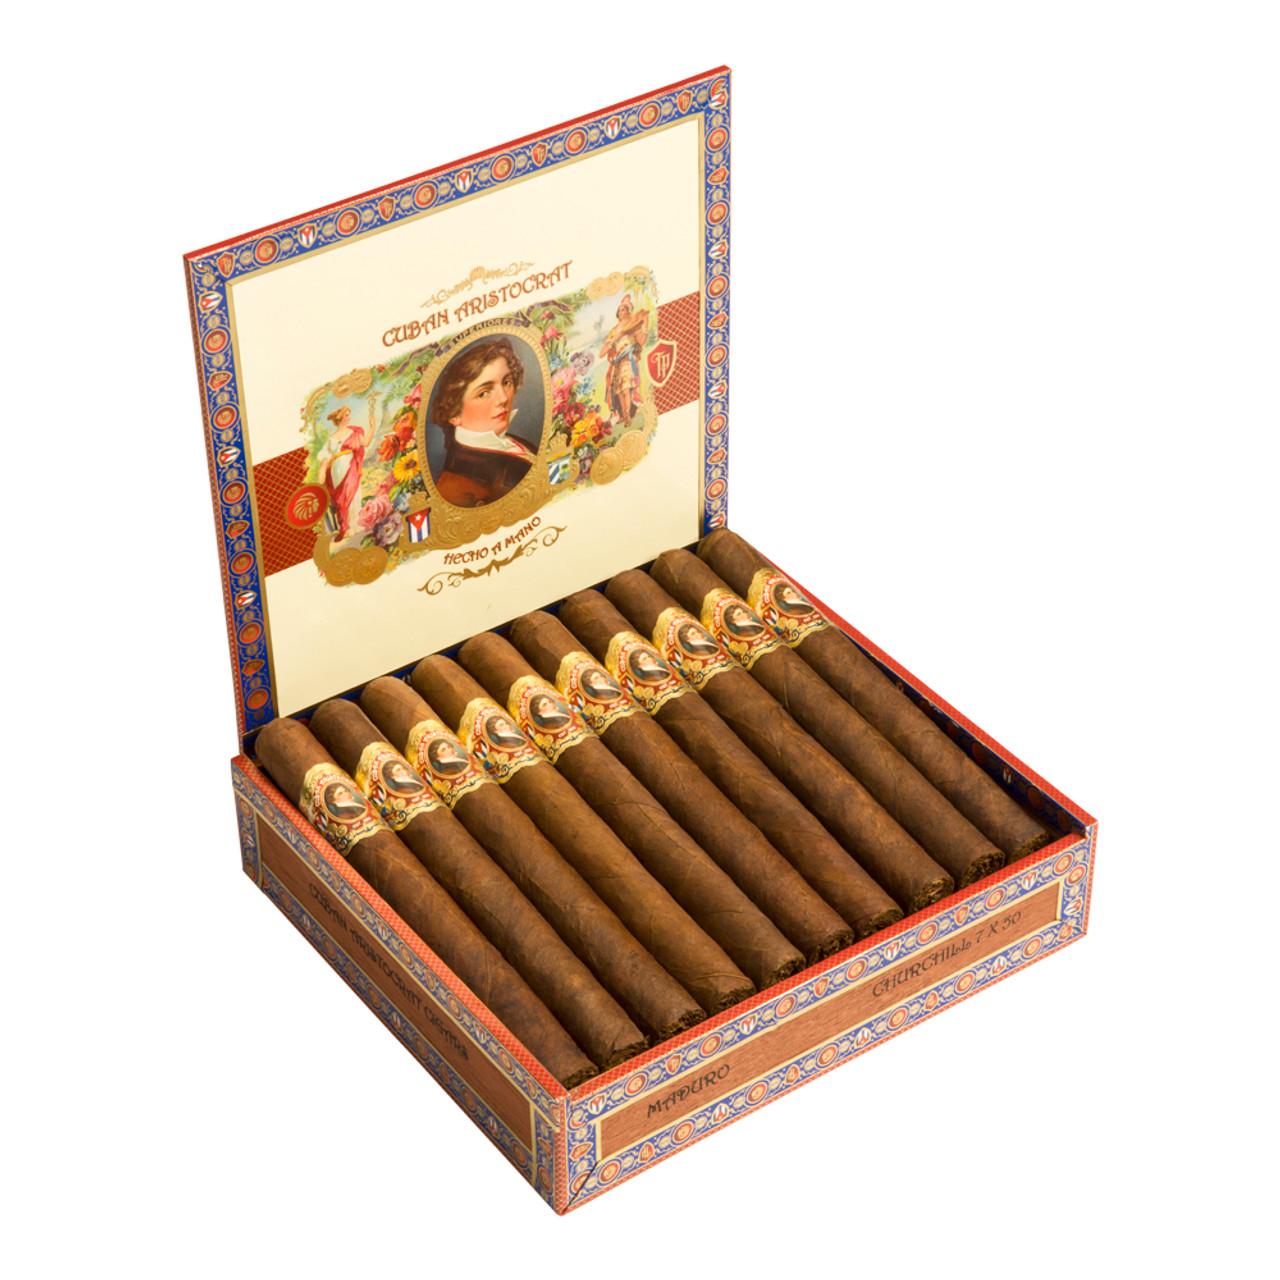 Cuban Aristocrat Churchill Maduro Cigars - 7 x 50 (Box of 20)